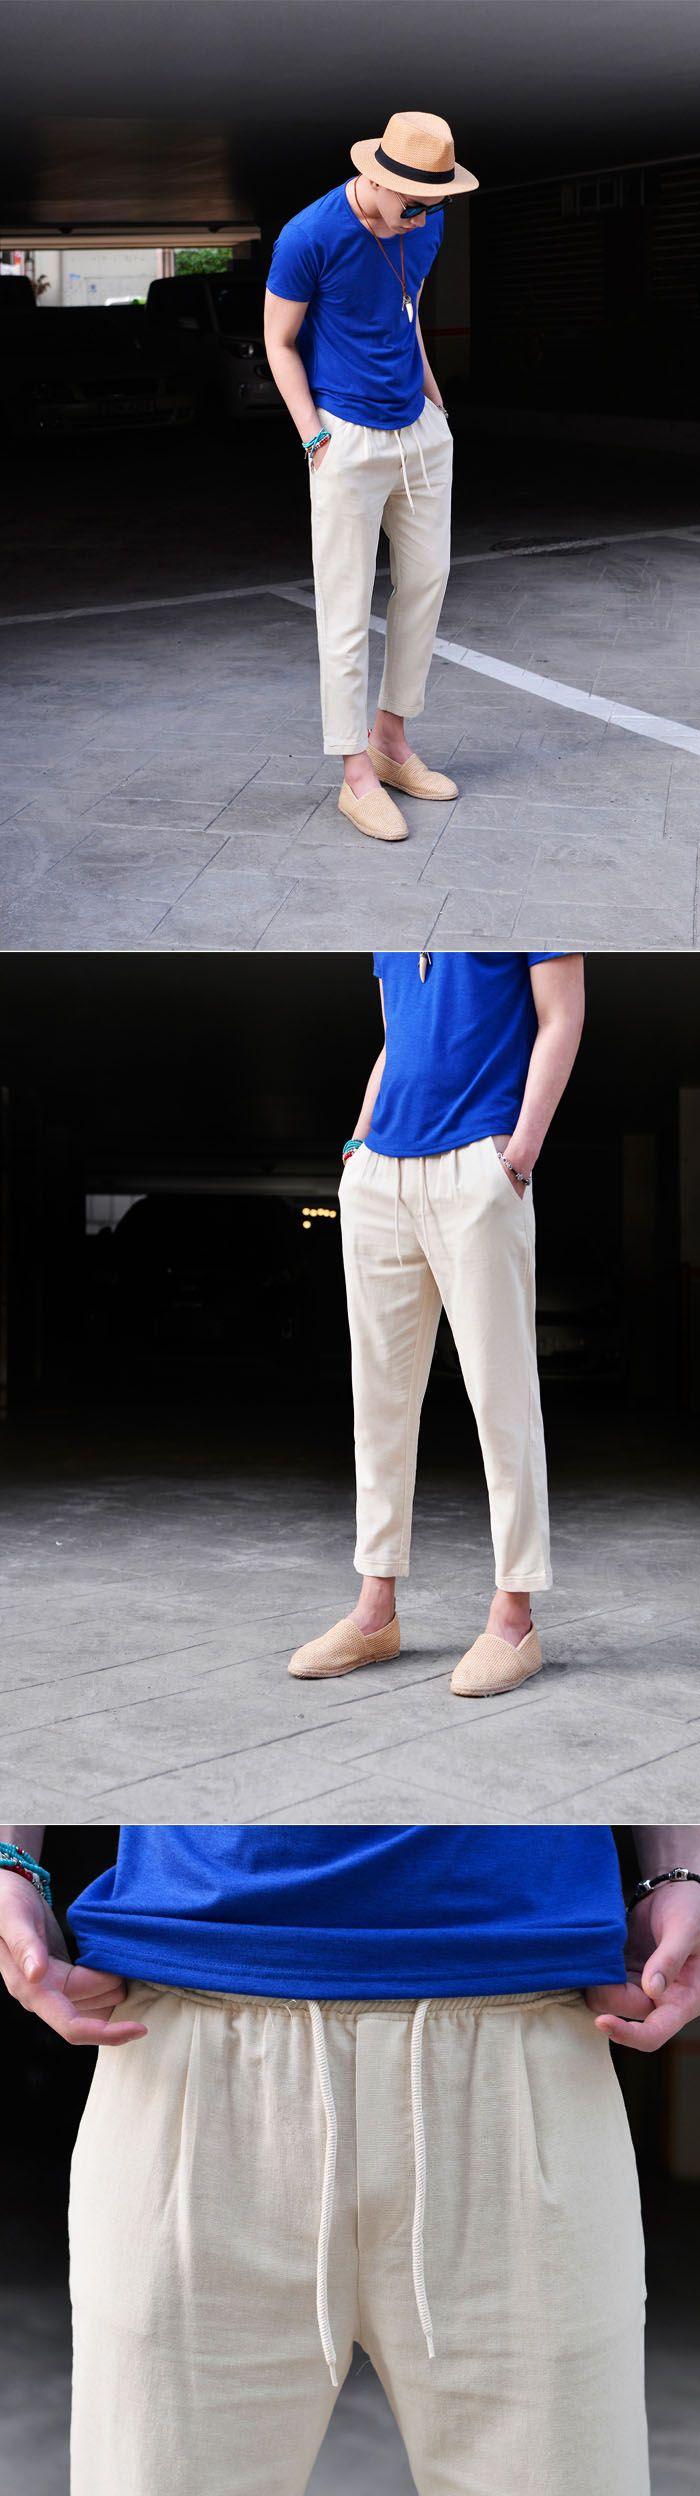 Linen Banding Cropped Turn-up-Pants 238 by Guylook.com  #menswear #guylook…